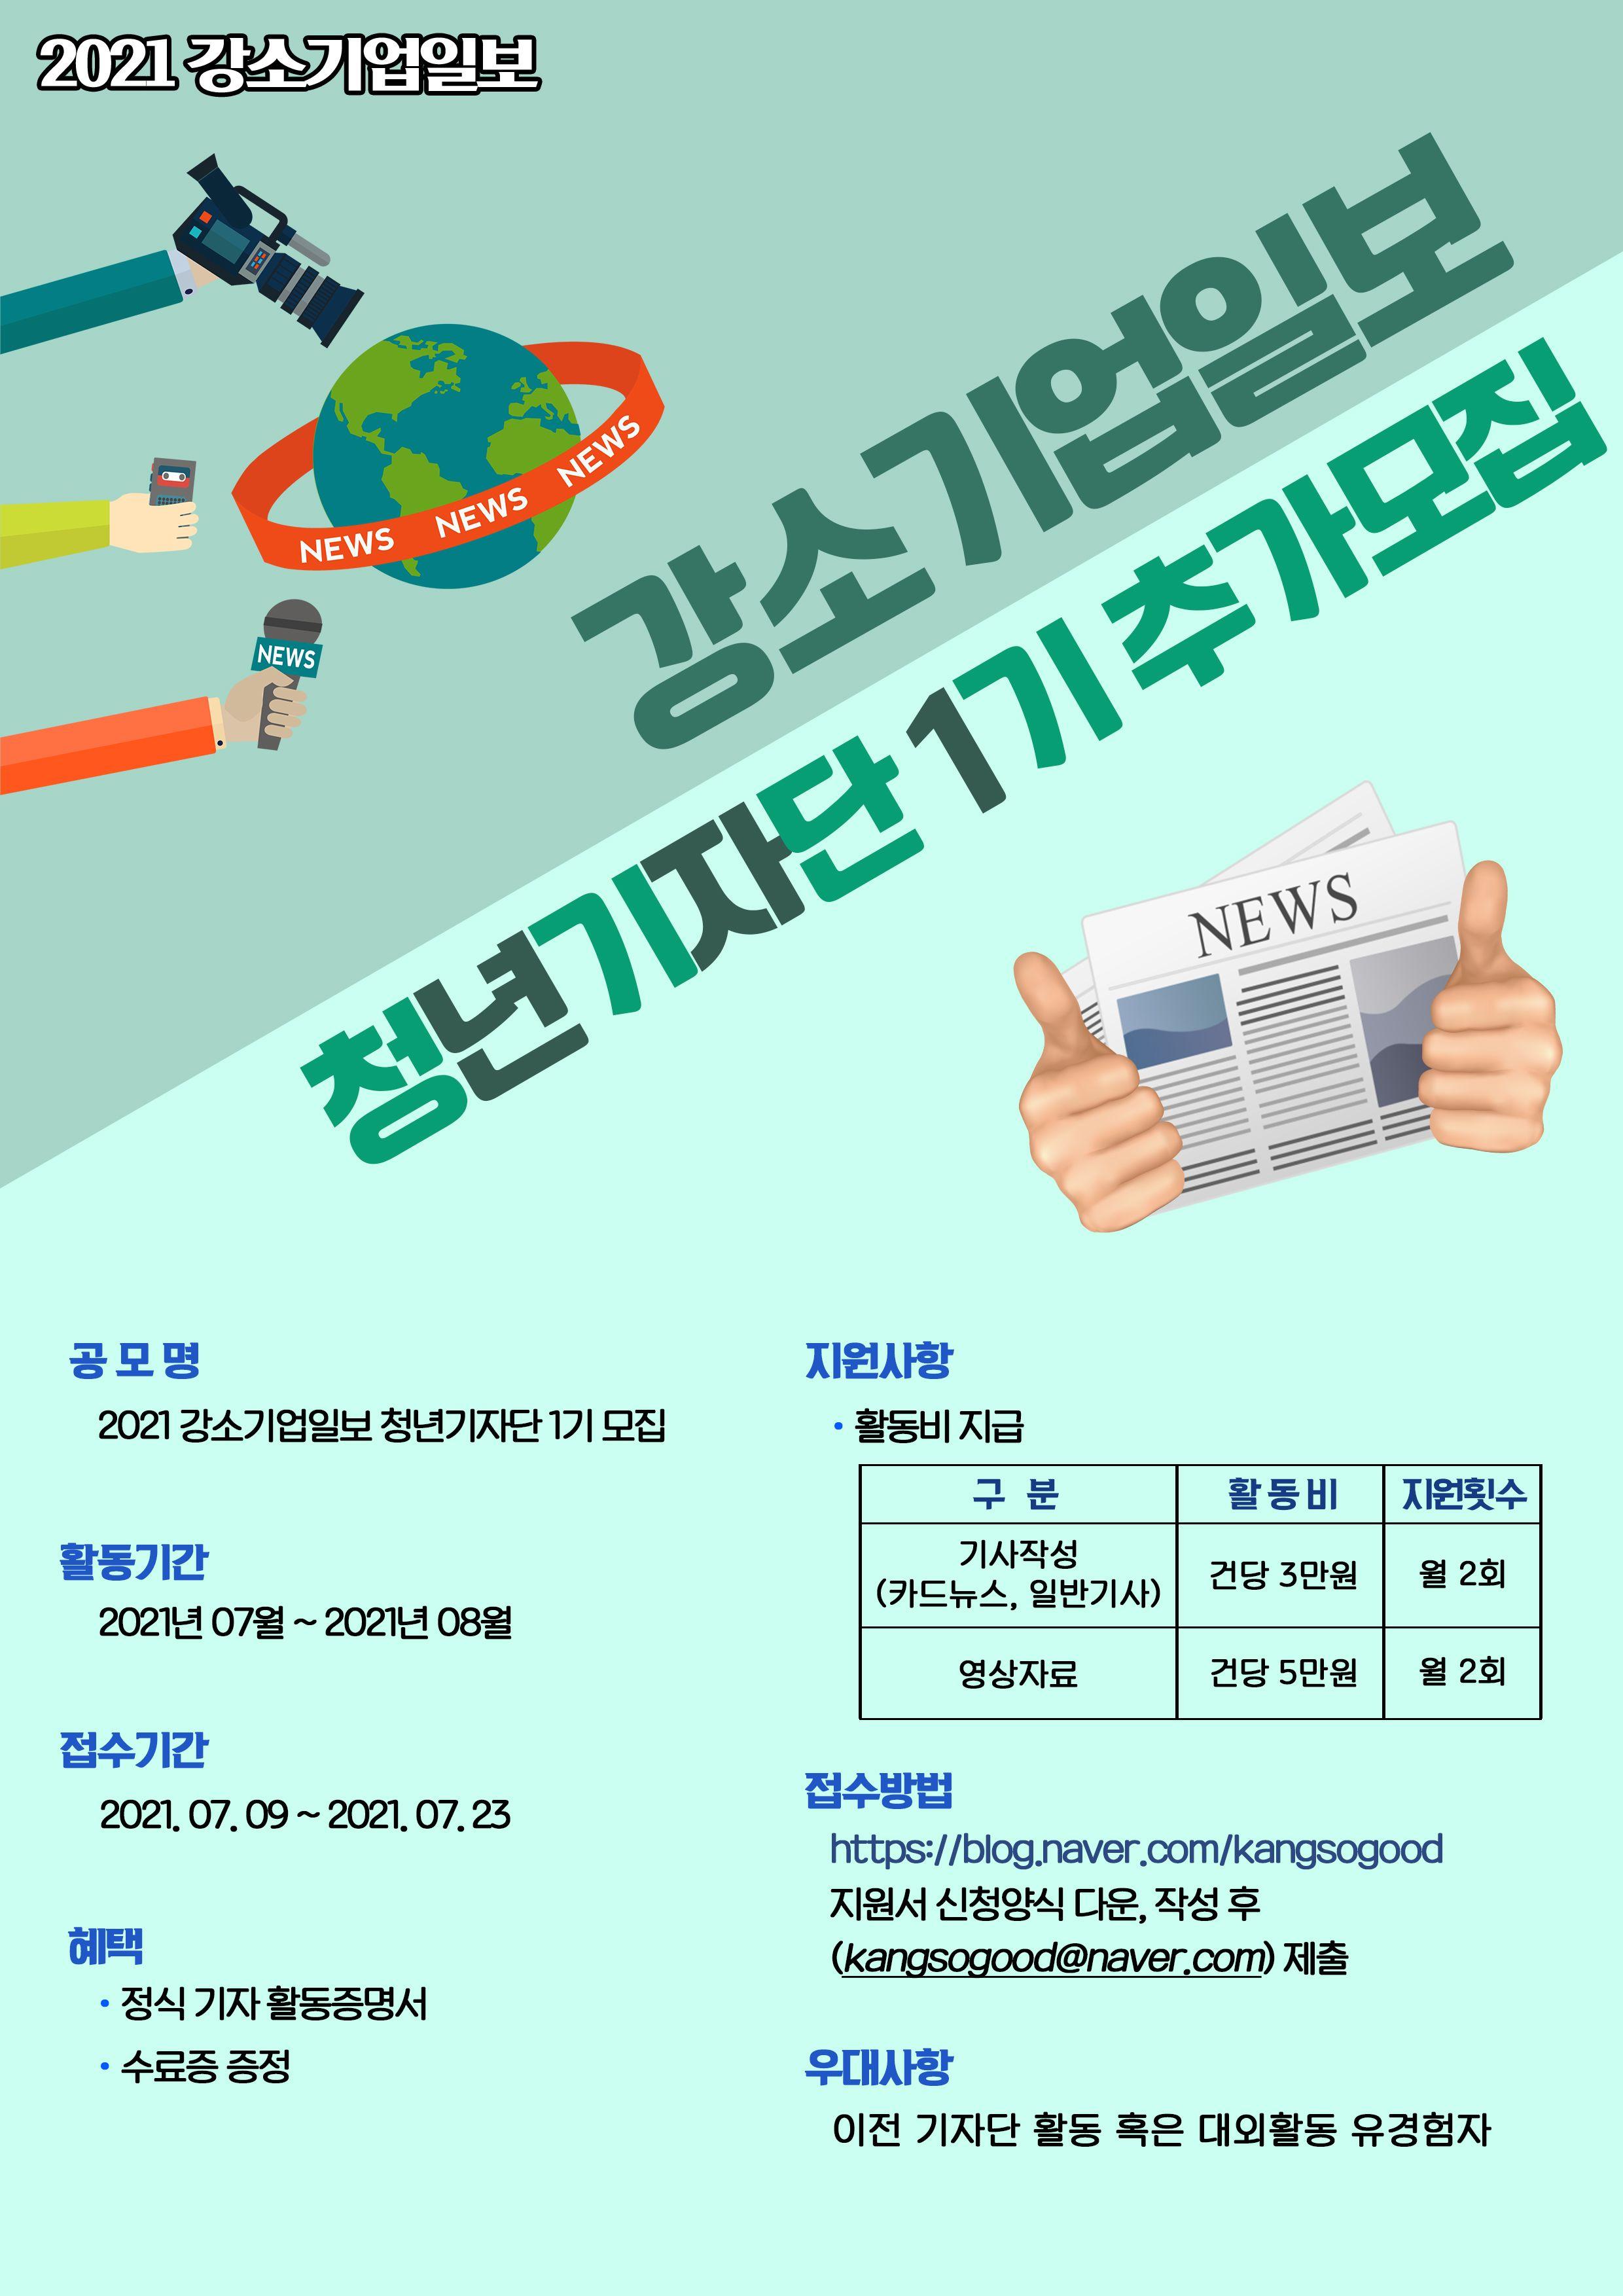 강소기업일보 청년기자단